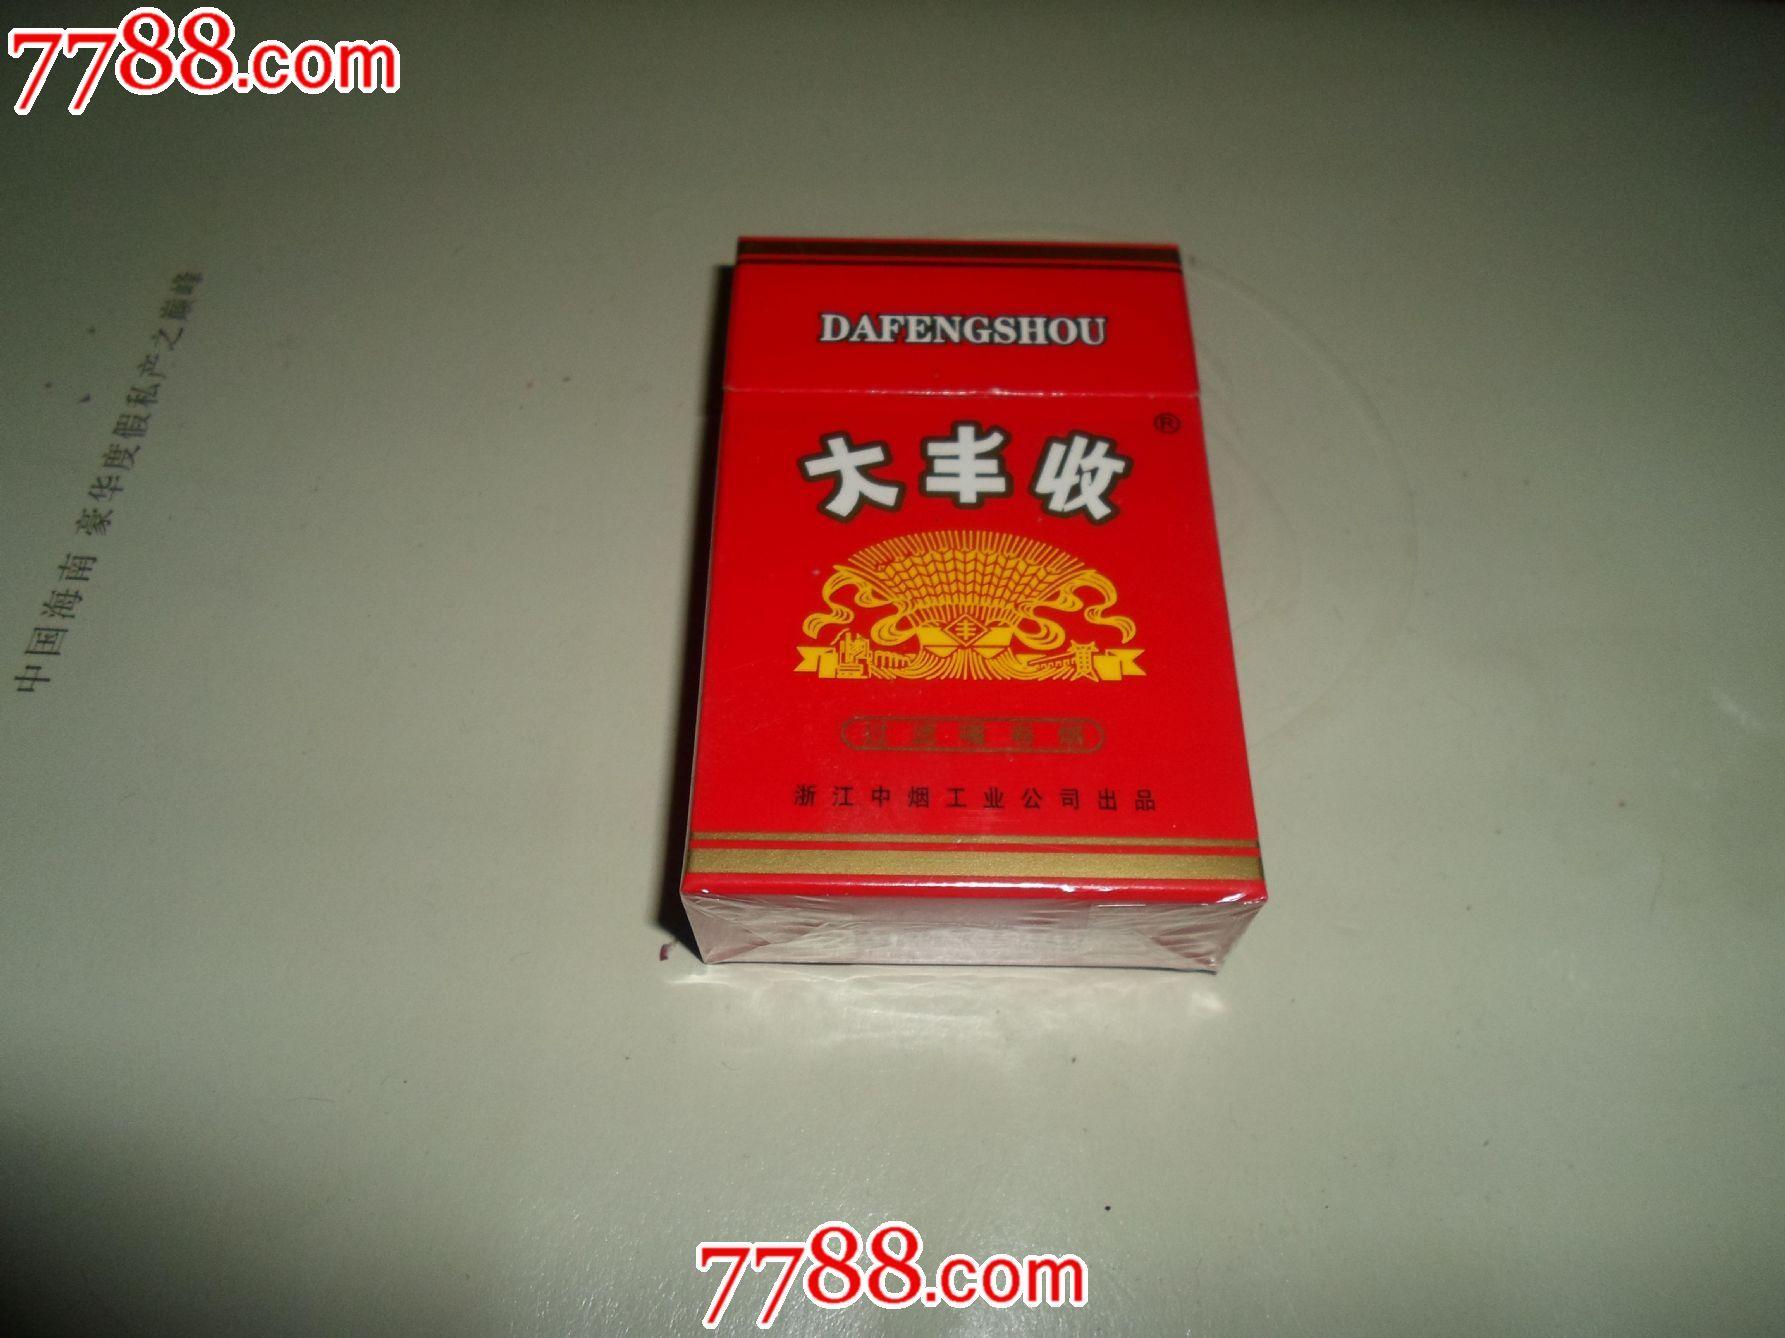 大丰收_烟标/烟盒_春明人家【中国收藏热线】